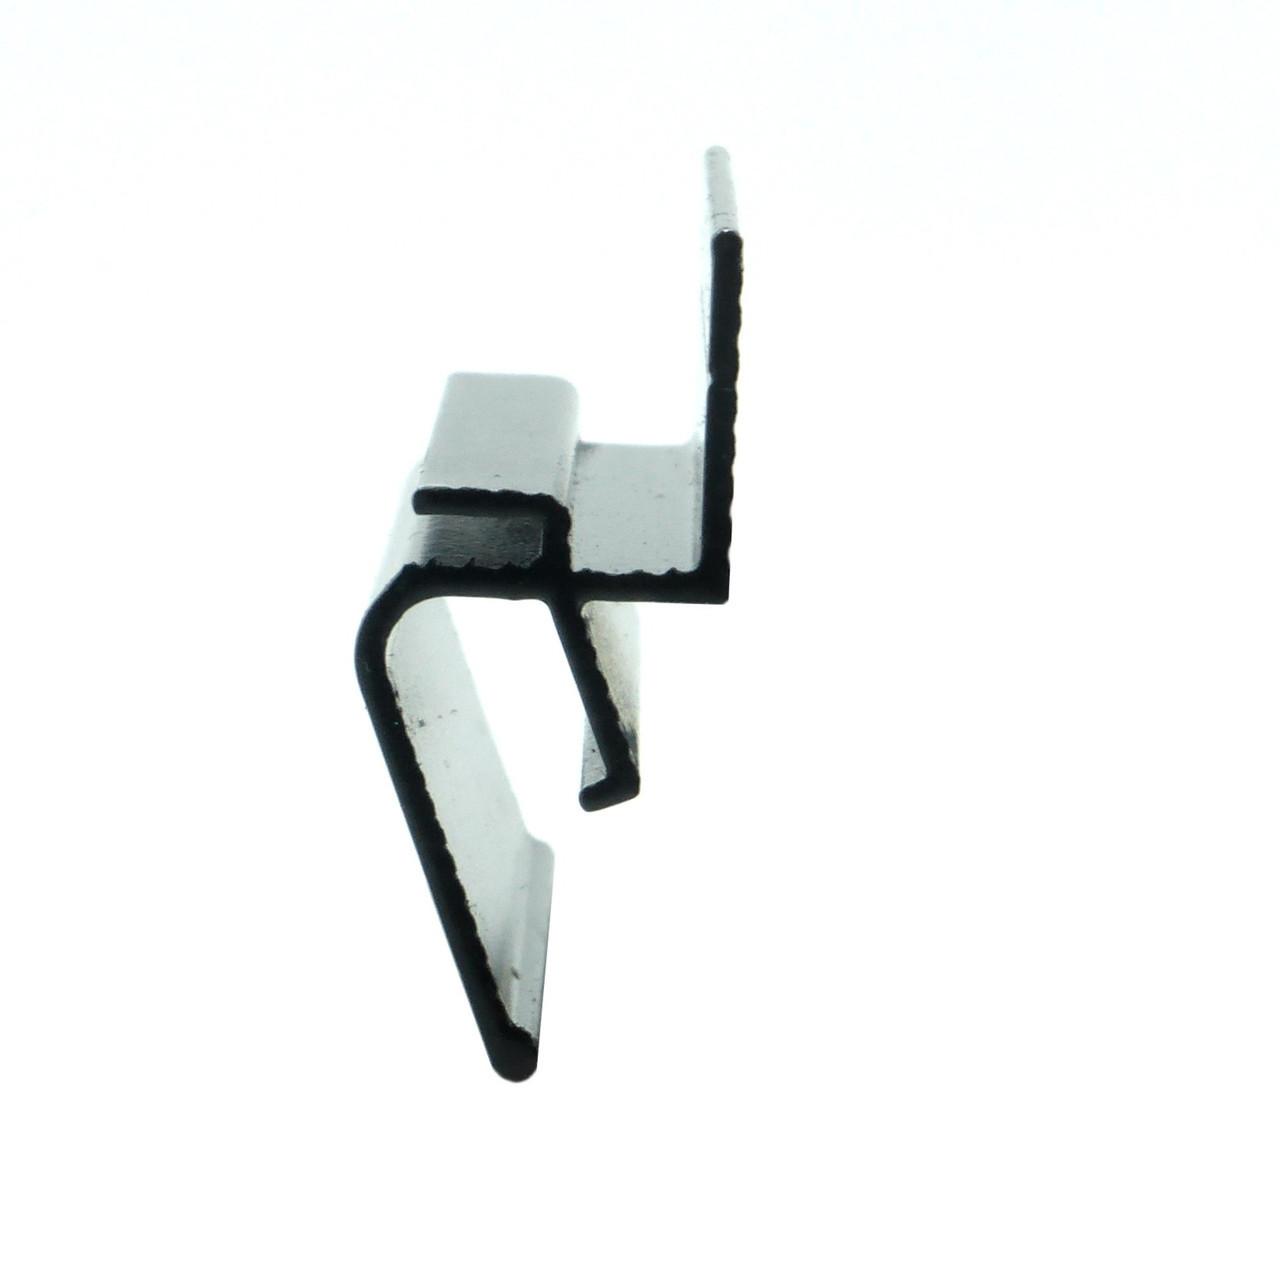 Профіль алюмінієвий для натяжних стель - EUROKRAAB, система тіньового примикання. Довжина профілю 2 м.